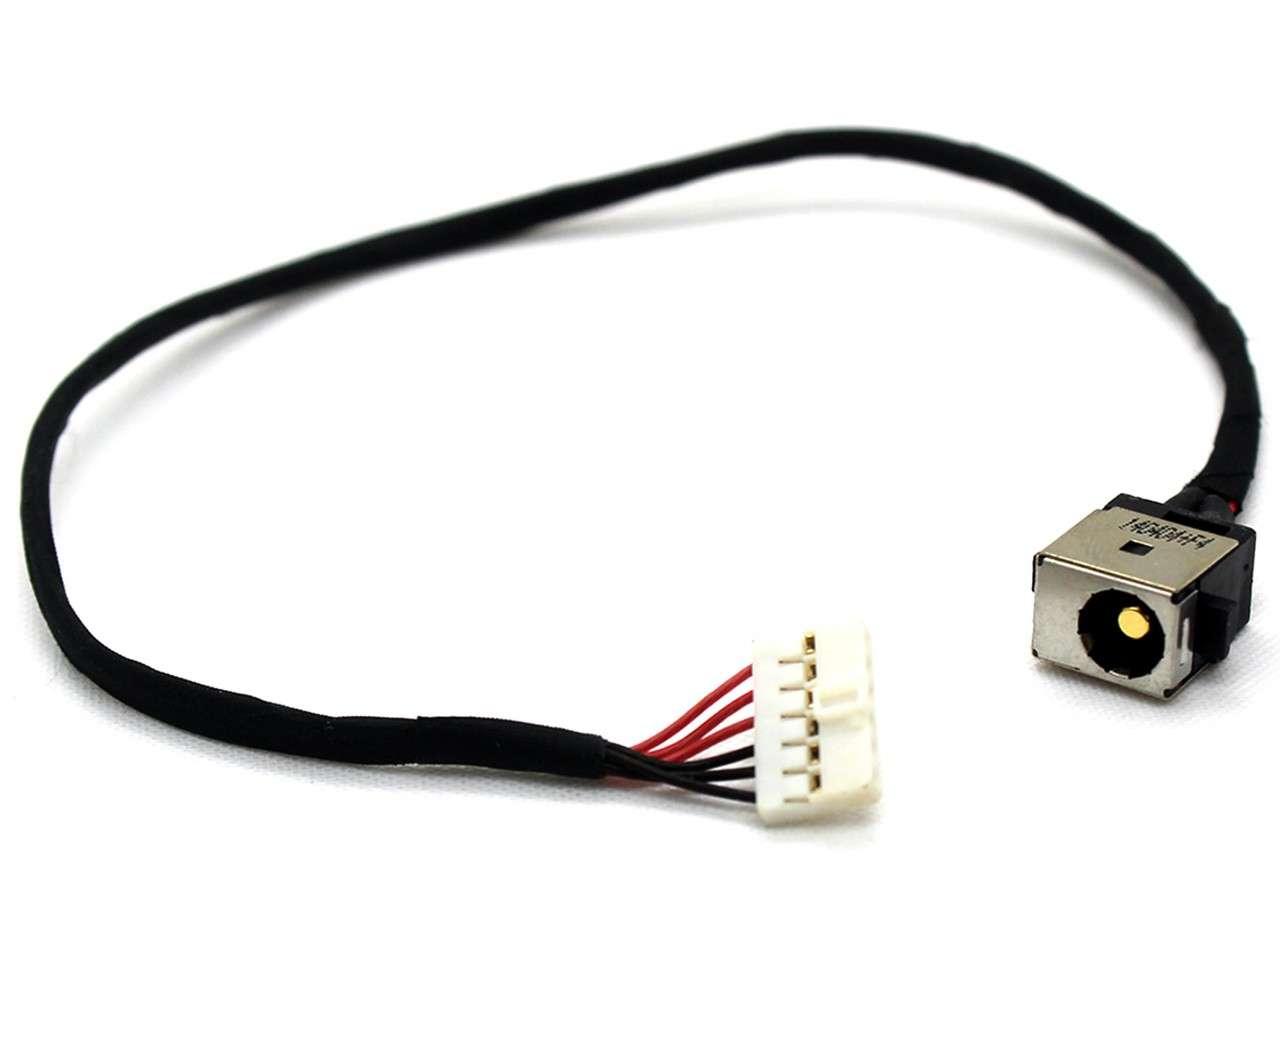 Mufa alimentare laptop Asus S56C cu fir imagine powerlaptop.ro 2021